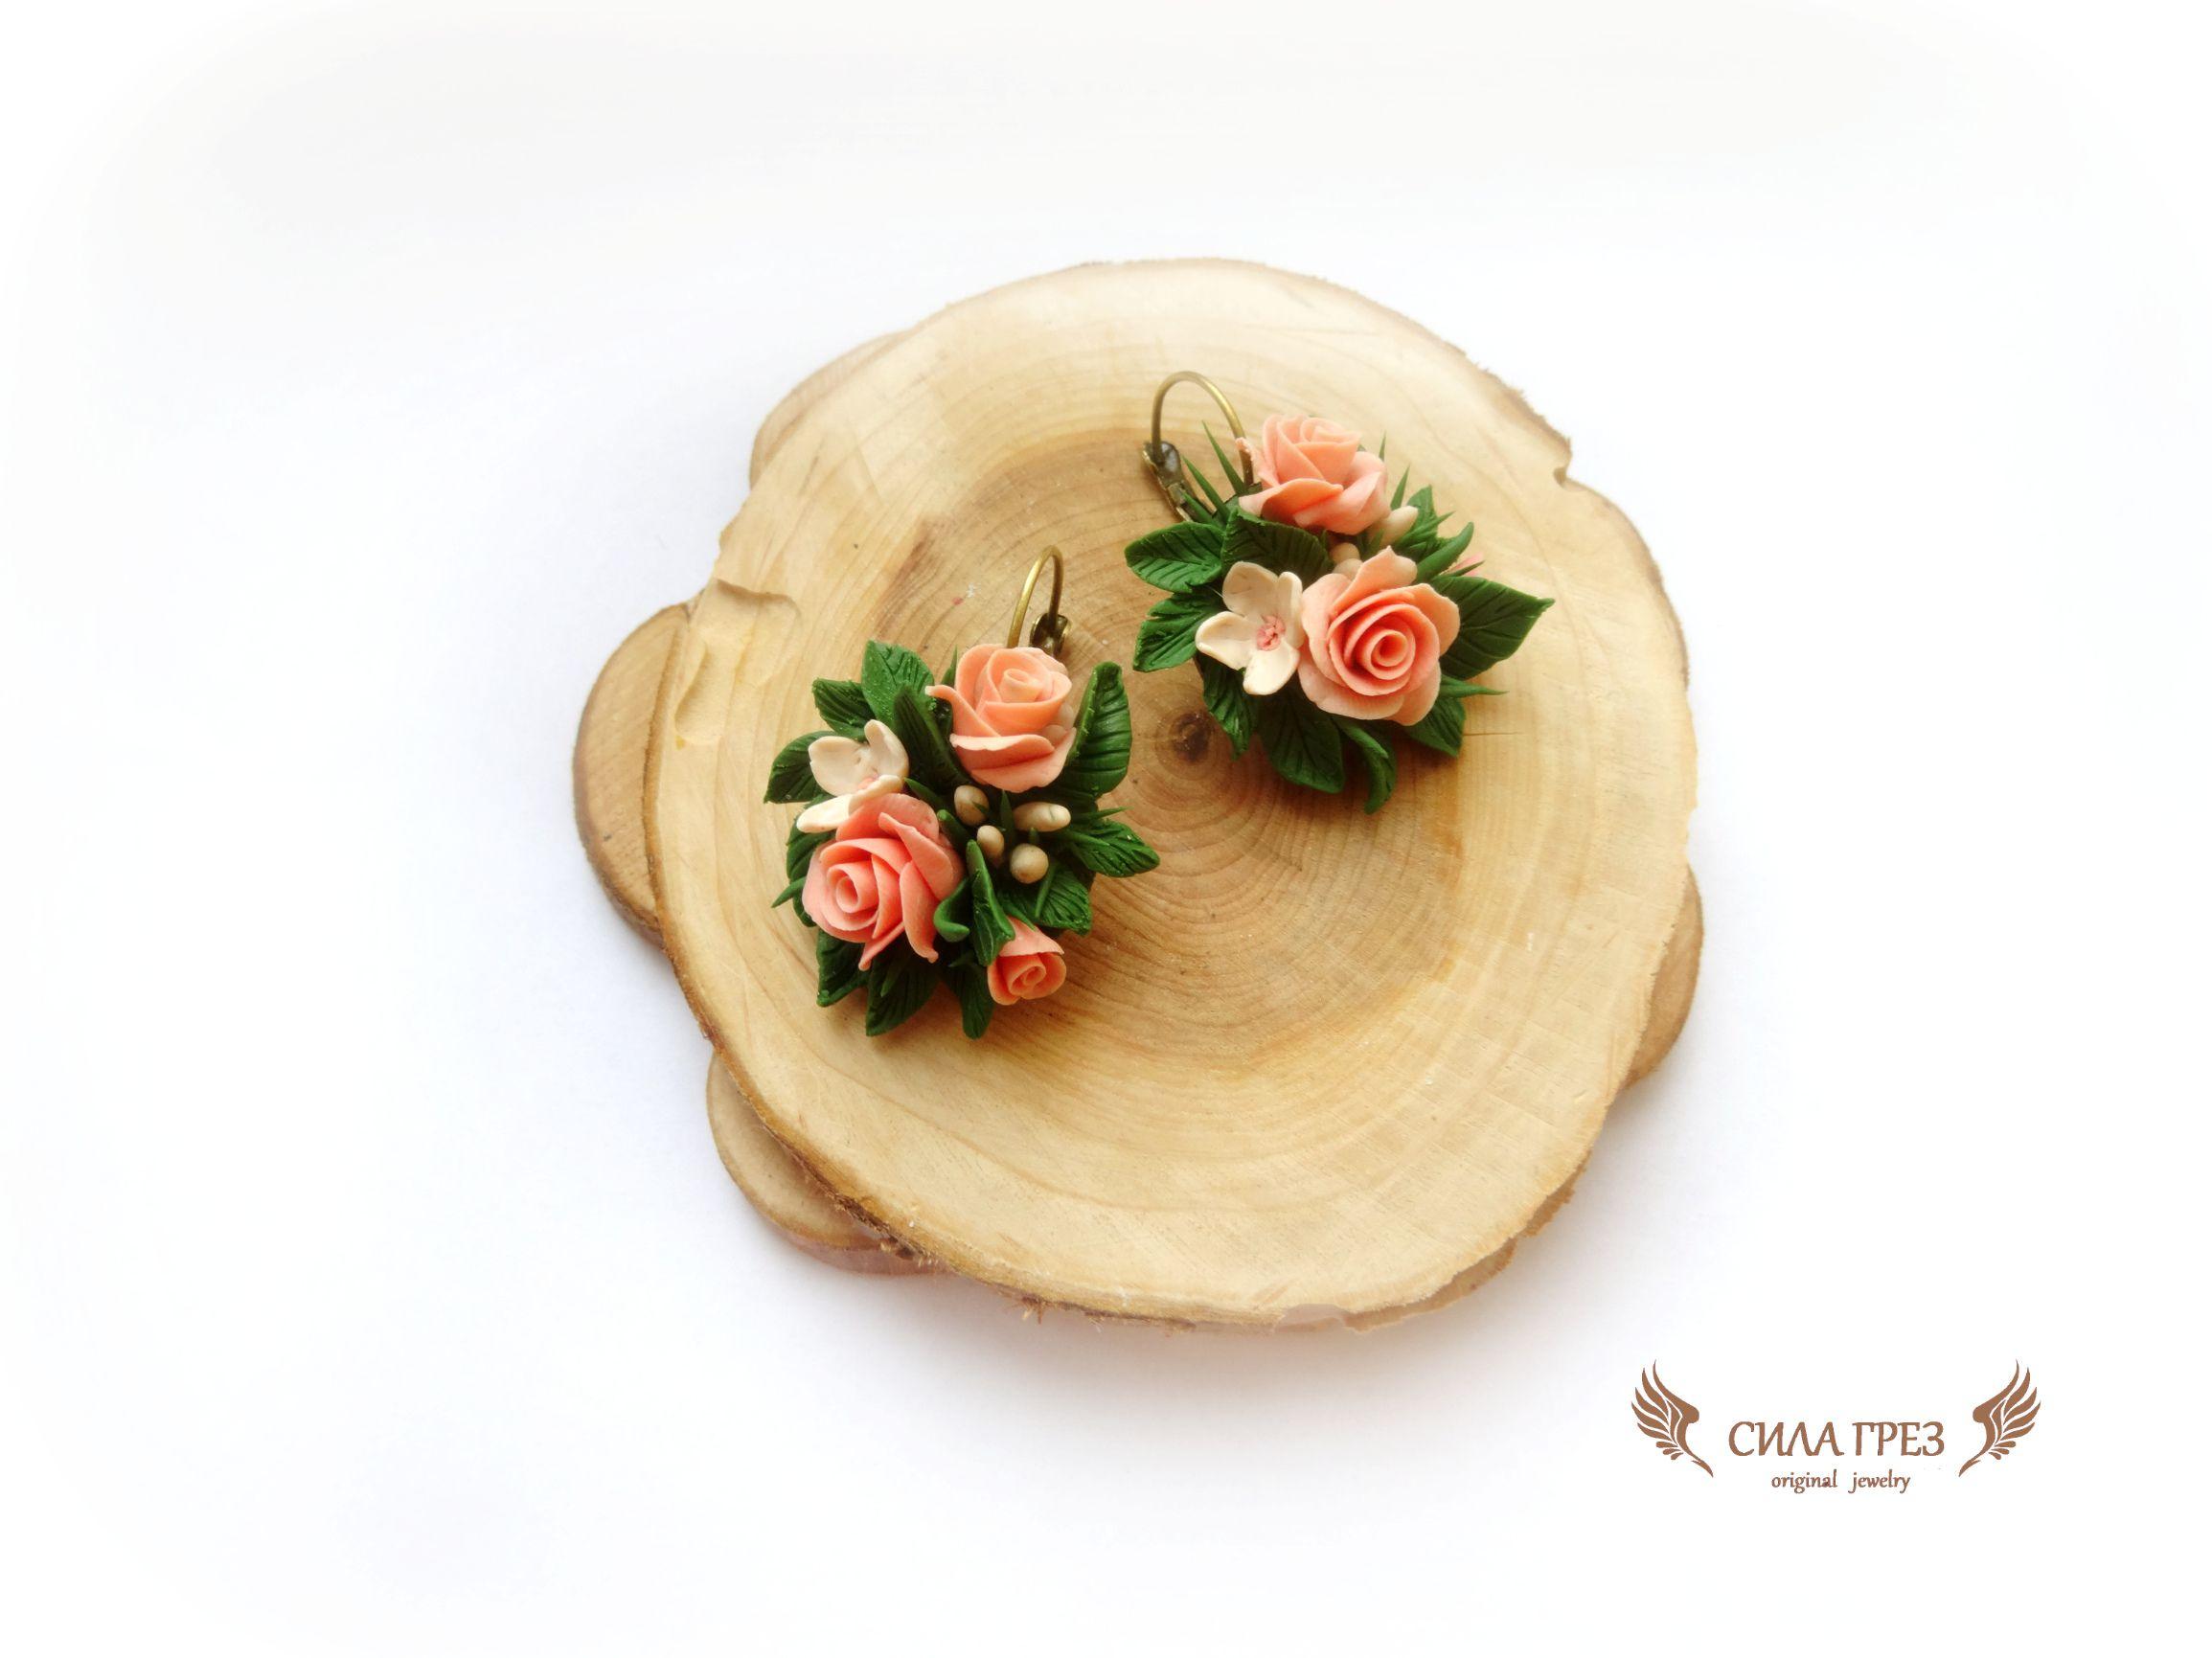 подарок серьги букет силагрез украшения весна розы сирень цветы миниатюра полимернаяглина бижутерия